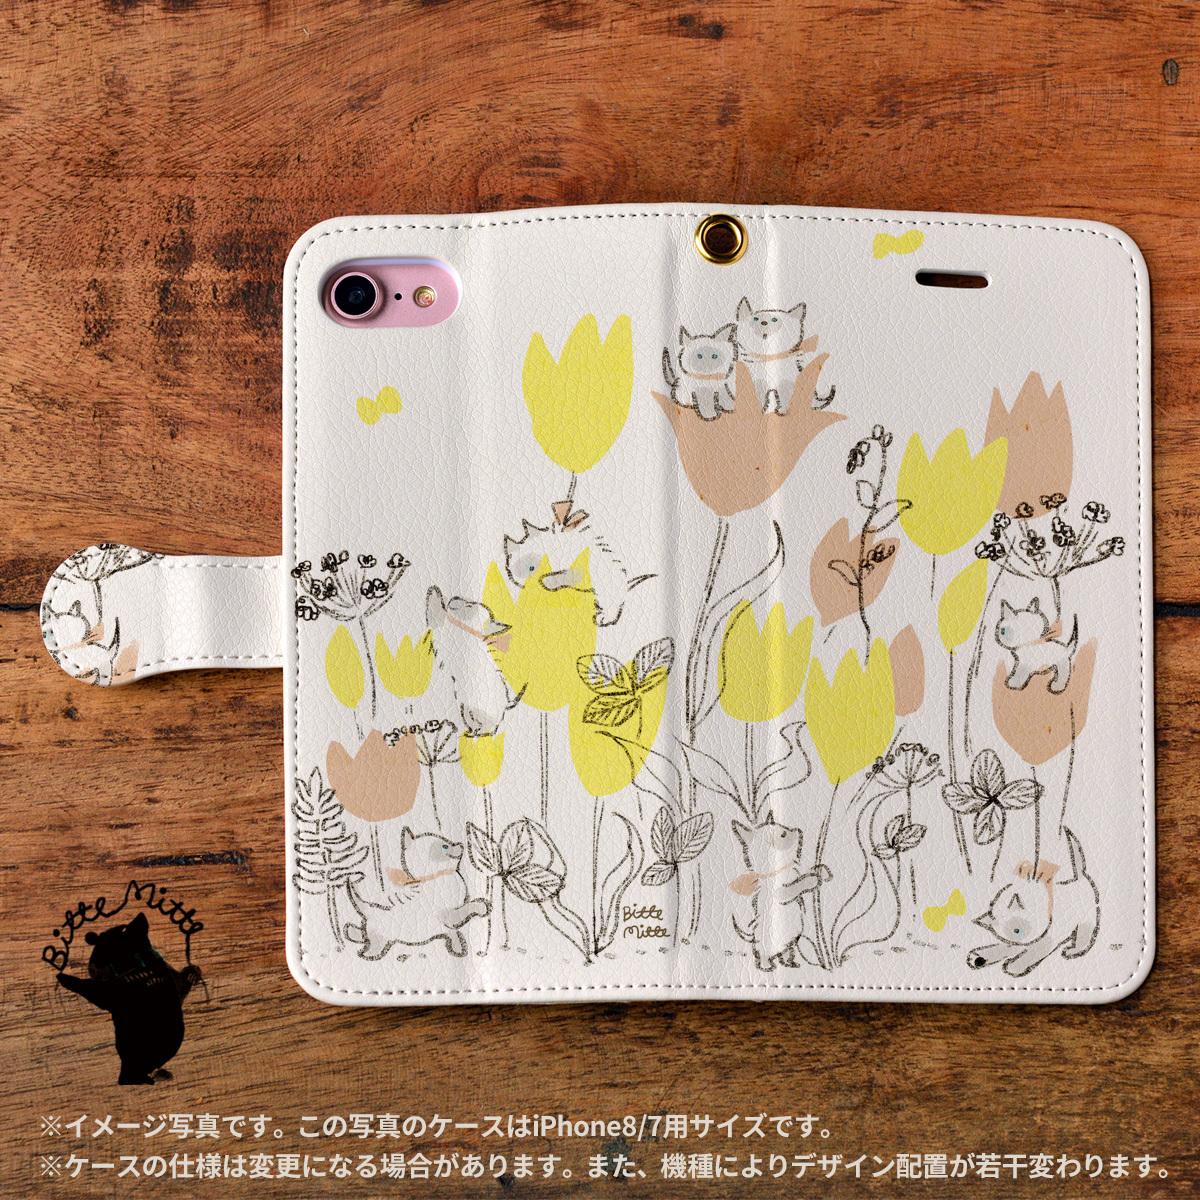 iPhone8 iPhone7 iPhone6s iPhone6 iPhoneX ケース 手帳型 革 おしゃれ かわいい 女性 女子 アニマル 春 チューリップと子猫/Bitte Mitte!